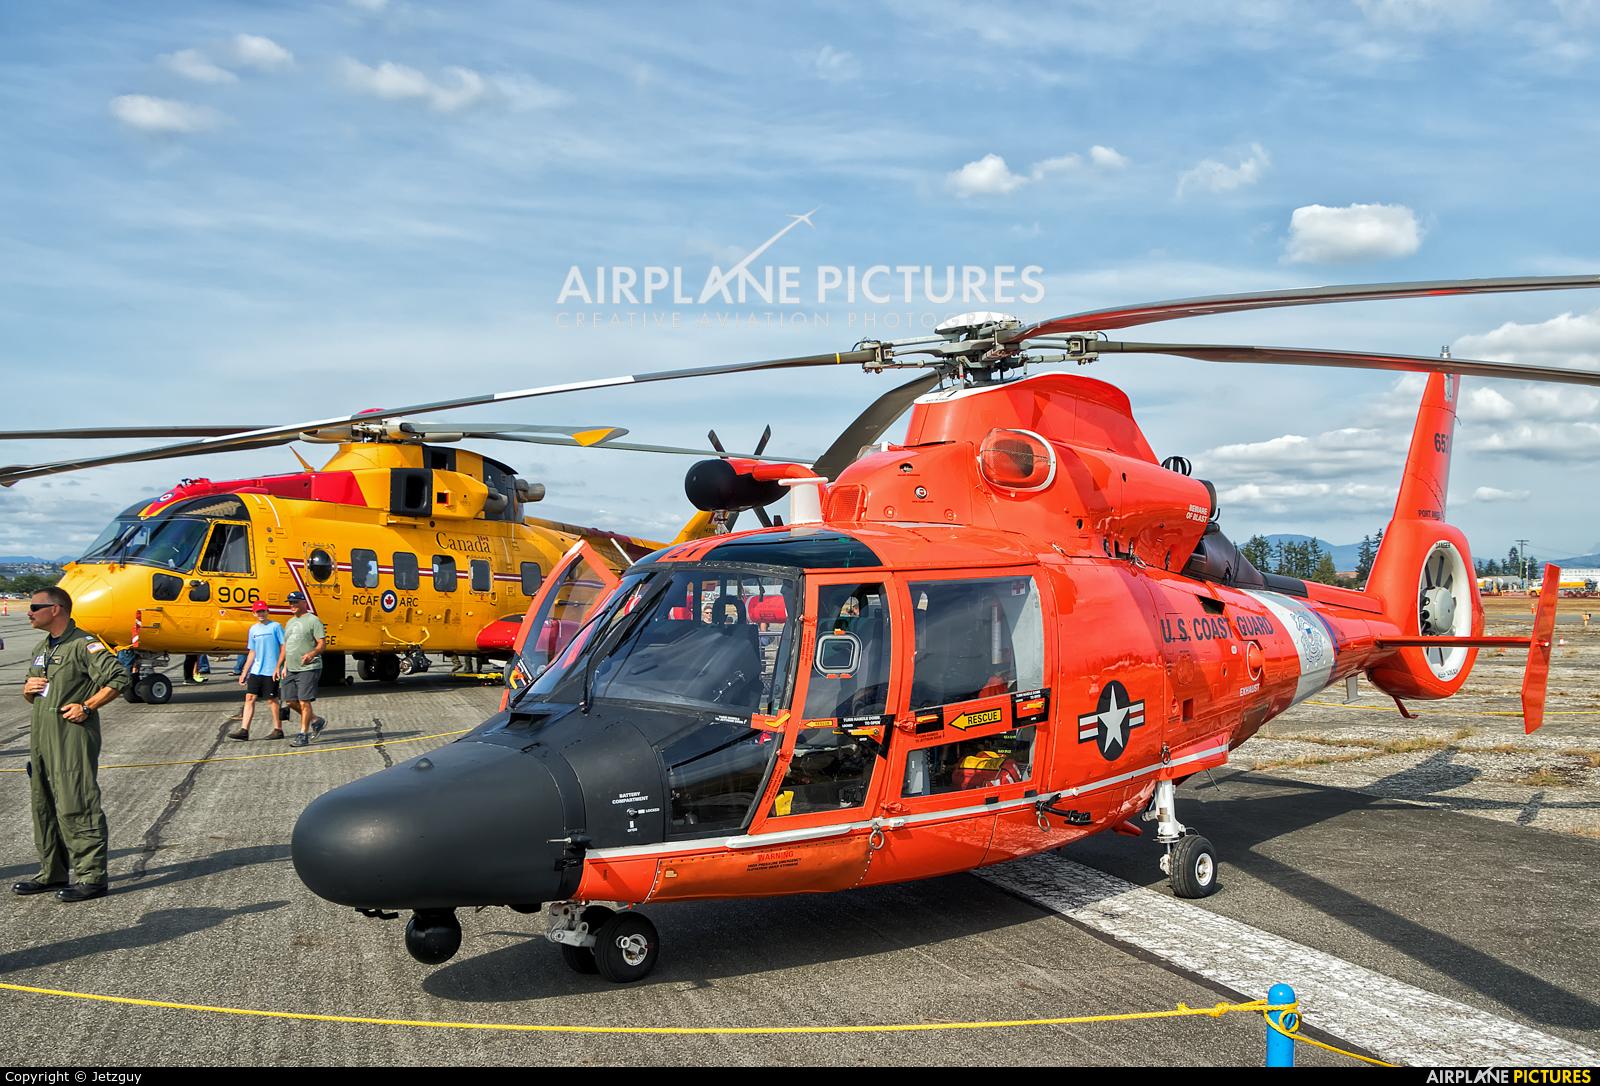 USA - Coast Guard 6521 aircraft at Abbotsford, BC